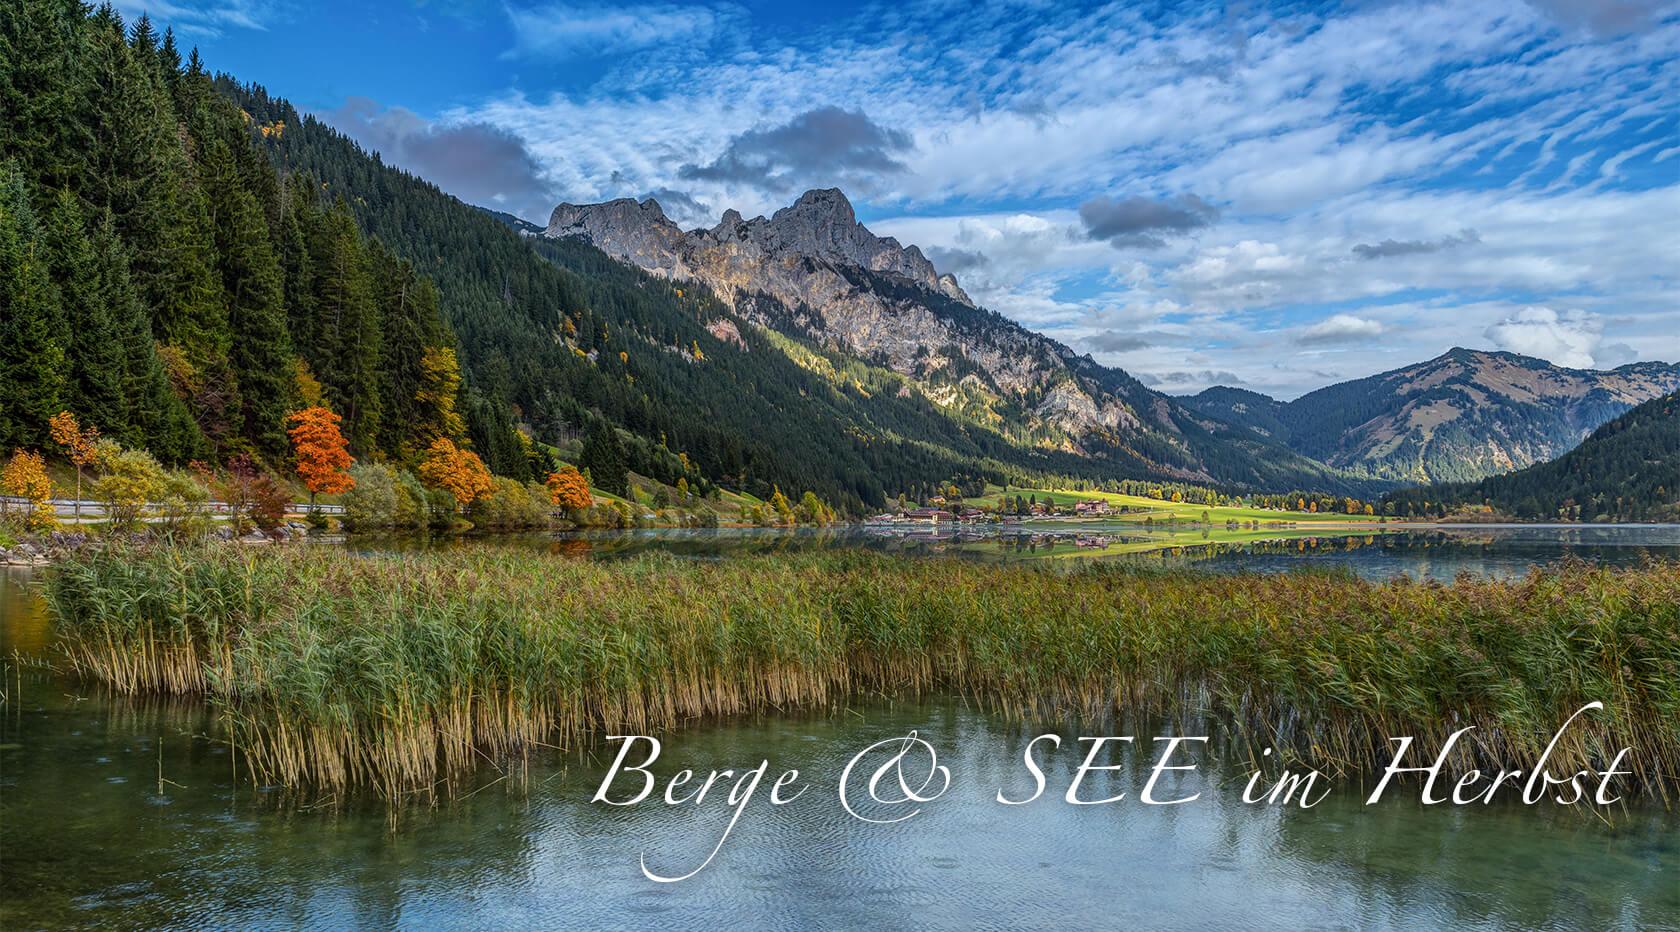 Urlaubspauschale Berge & SEE im Herbst im Via Salina